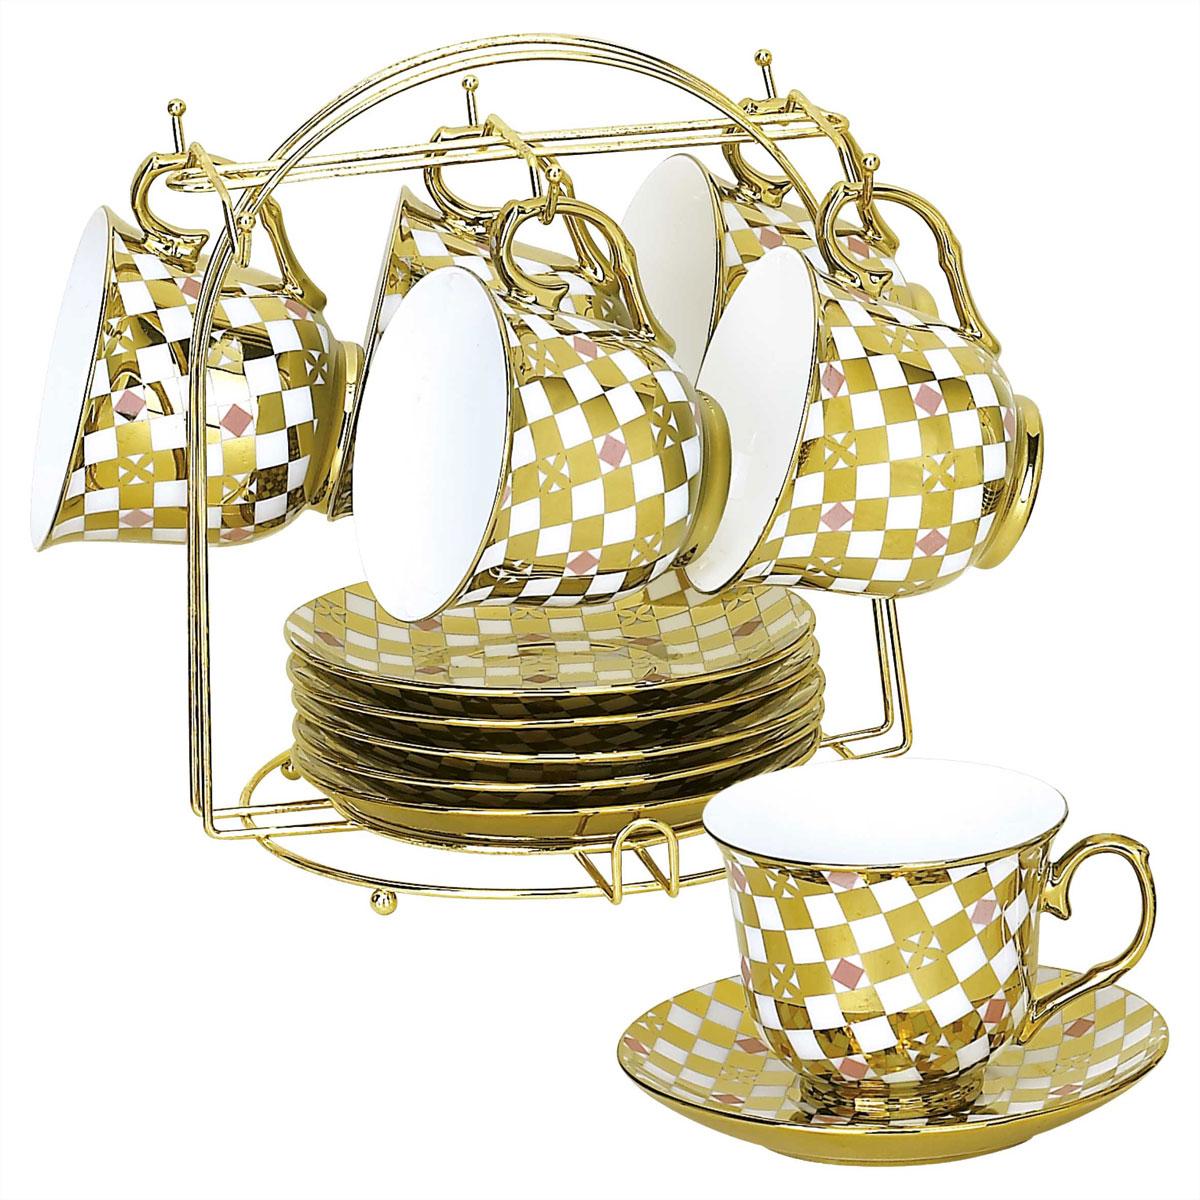 Набор чайный Bekker, 13 предметов. BK-5920 (8)BK-5920 (8)Чайный набор Bekker состоит из шести чашек и шести блюдец. Предметы набора изготовлены из высококачественного фарфора и украшены золотистой эмалью. Яркий орнамент в шахматном стиле придает набору изысканный внешний вид. В комплекте - металлическая хромированная подставка золотистого цвета с шестью крючками для подвешивания кружек и подставкой для блюдец. Чайный набор яркого и в тоже время лаконичного дизайна украсит интерьер кухни. Прекрасно подойдет как для торжественных случаев, так и для ежедневного использования. Подходит для мытья в посудомоечной машине. Объем чашки: 220 мл. Диаметр чашки (по верхнему краю): 9 см. Высота чашки: 7,5 см. Диаметр блюдца: 14 см. Размер подставки: 19 см х 19 см х 21 см.